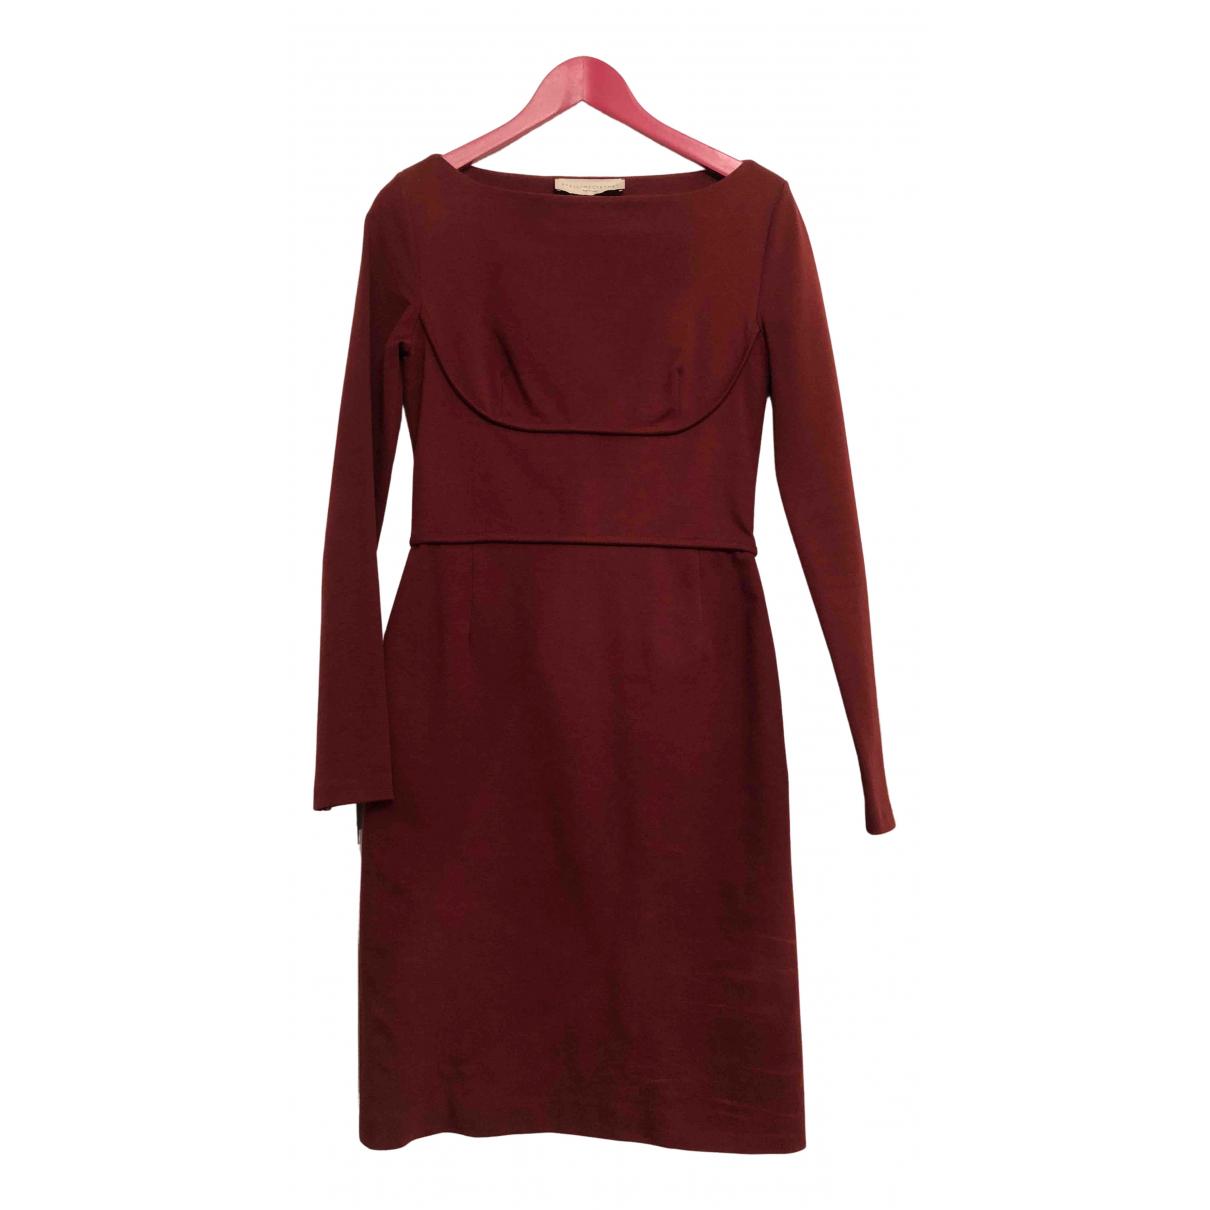 Stella Mccartney \N Kleid in  Bordeauxrot Baumwolle - Elasthan